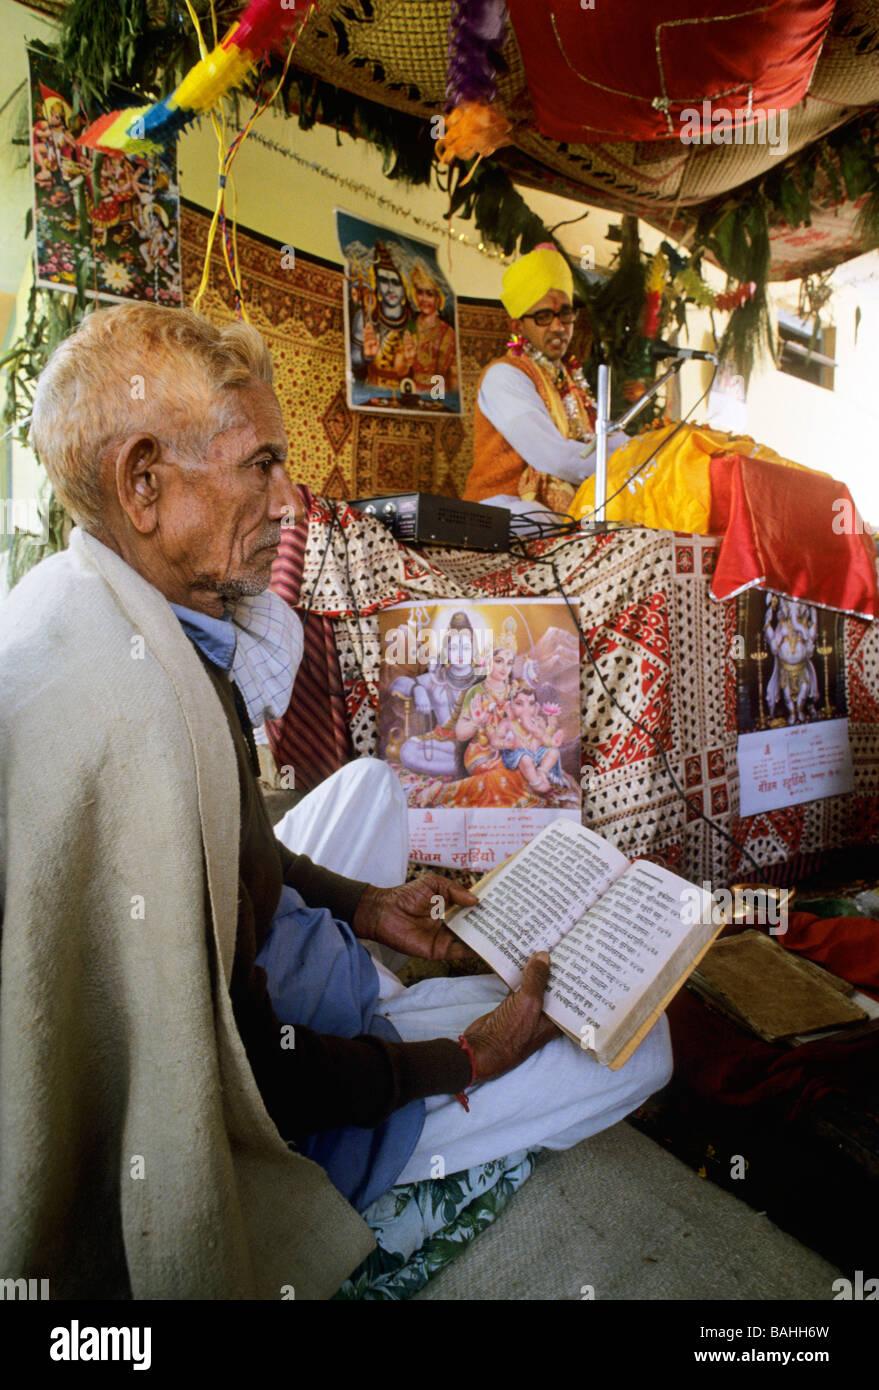 festa krisma, himachal pradesh, india, asia Stock Photo